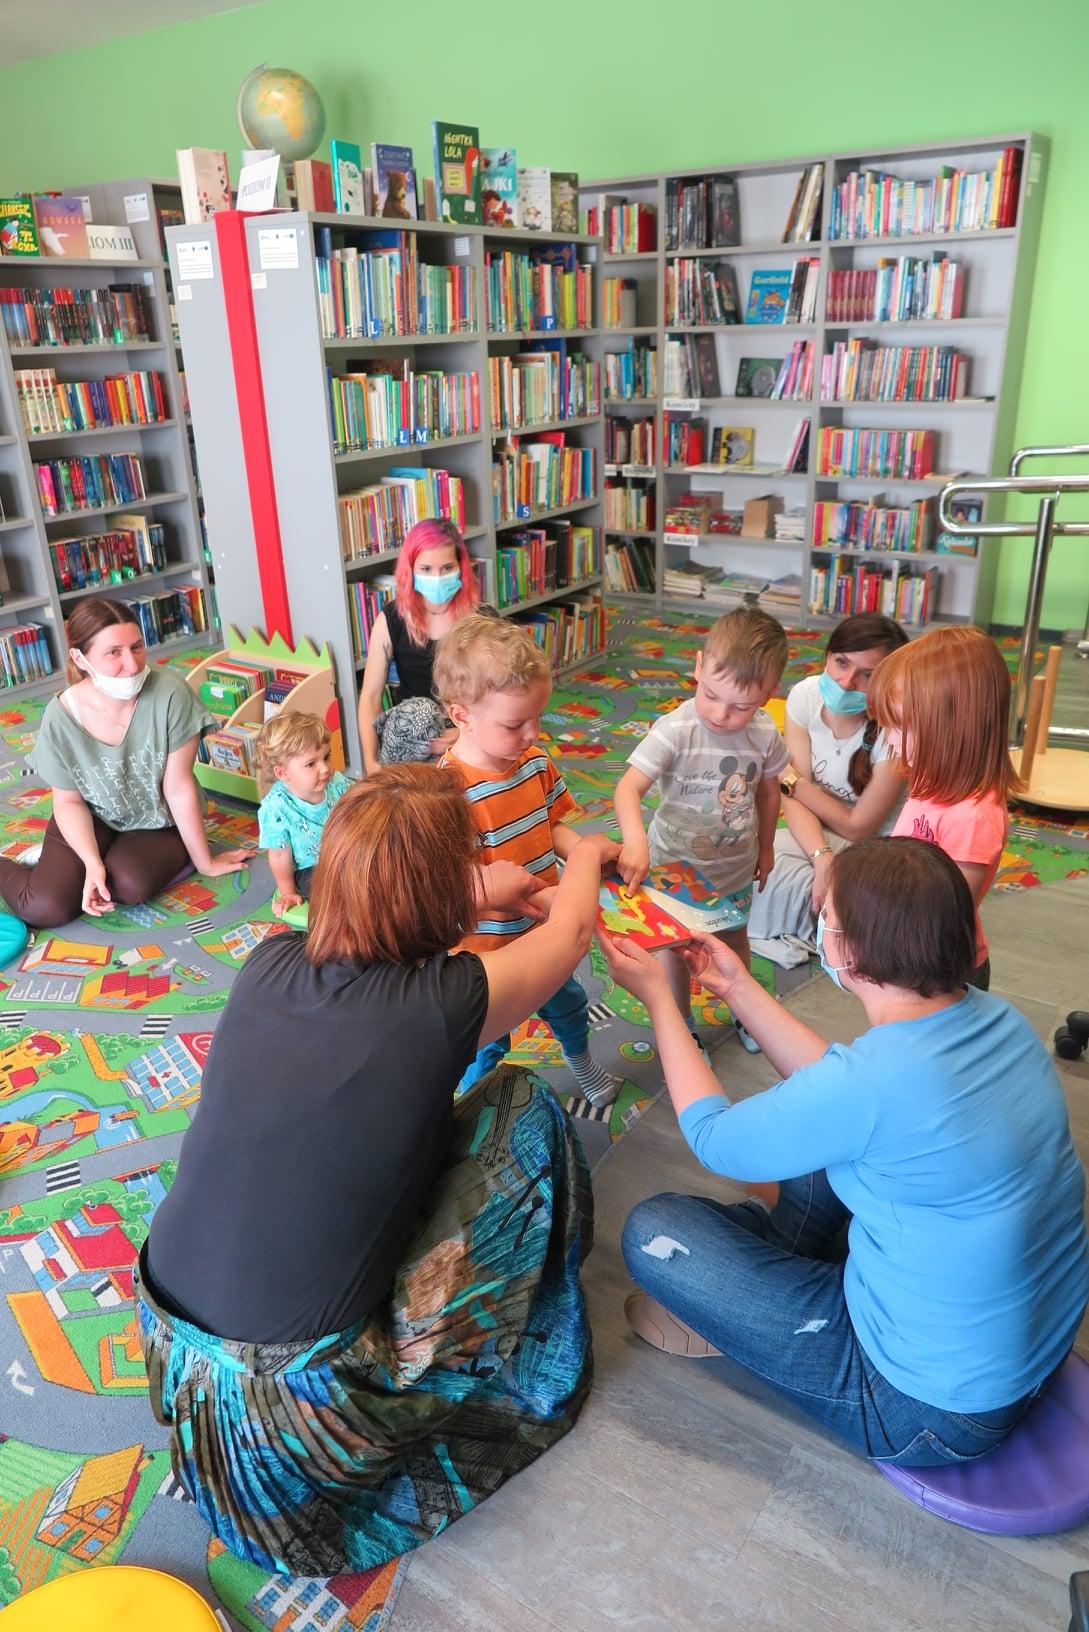 Wnętrze oddziału dla dzieci Miejskiej Biblioteki Publicznej w Działdowie. Bibliotekarka siedząc bokiem na pufie pokazuje małym dzieciom książkę dźwiękowa. Obok niej kuca kobieta, na przeciw nich siedzą trzy Panie i dziecko na pufach, a troje małych dzieci ogląda książkę.